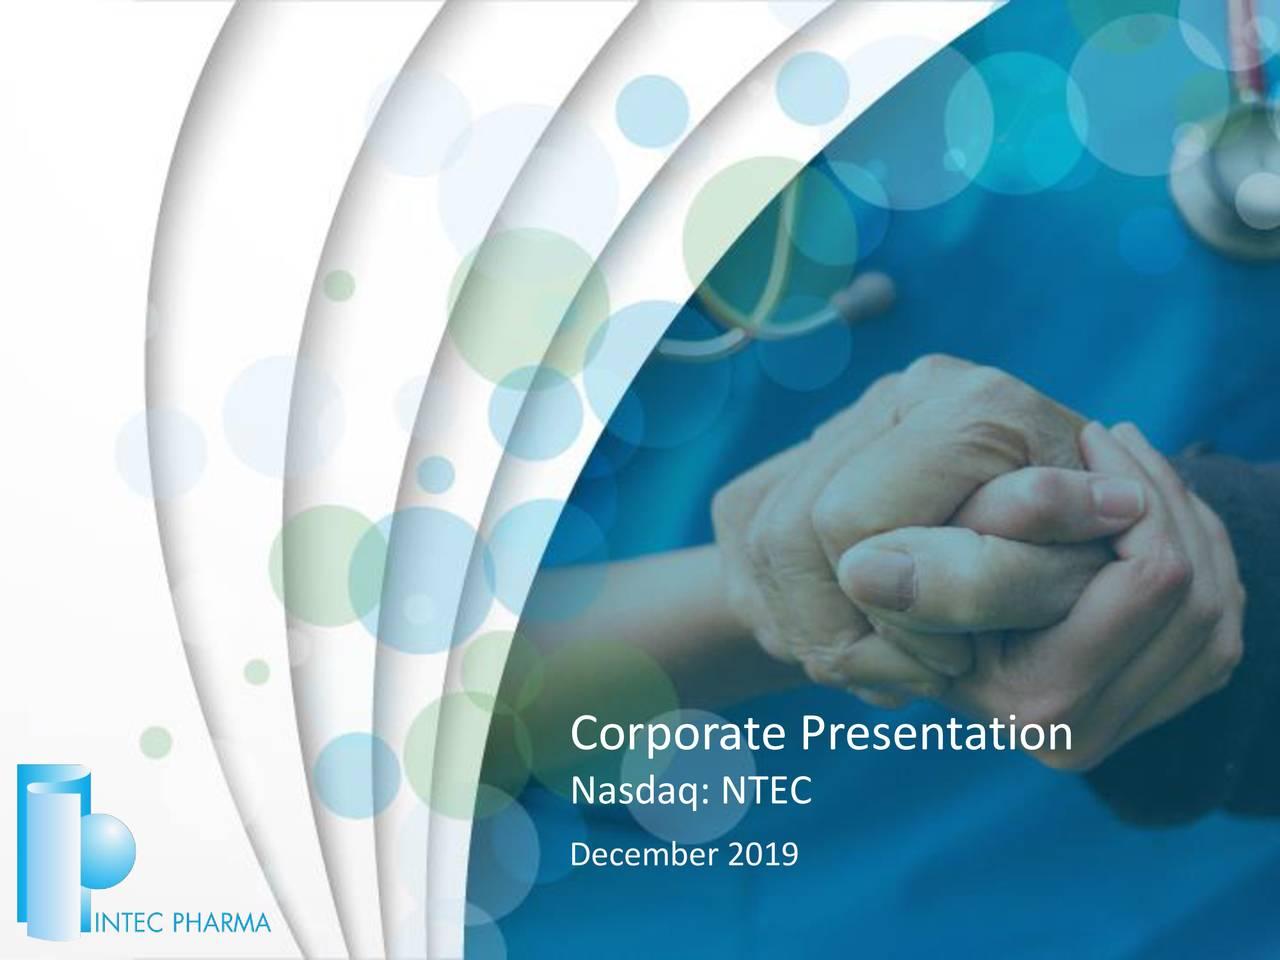 Intec Pharma (NTEC) Presents At LD Micro Main Event - Slideshow - Intec Pharma Ltd. (NASDAQ:NTEC) | Seeking Alpha